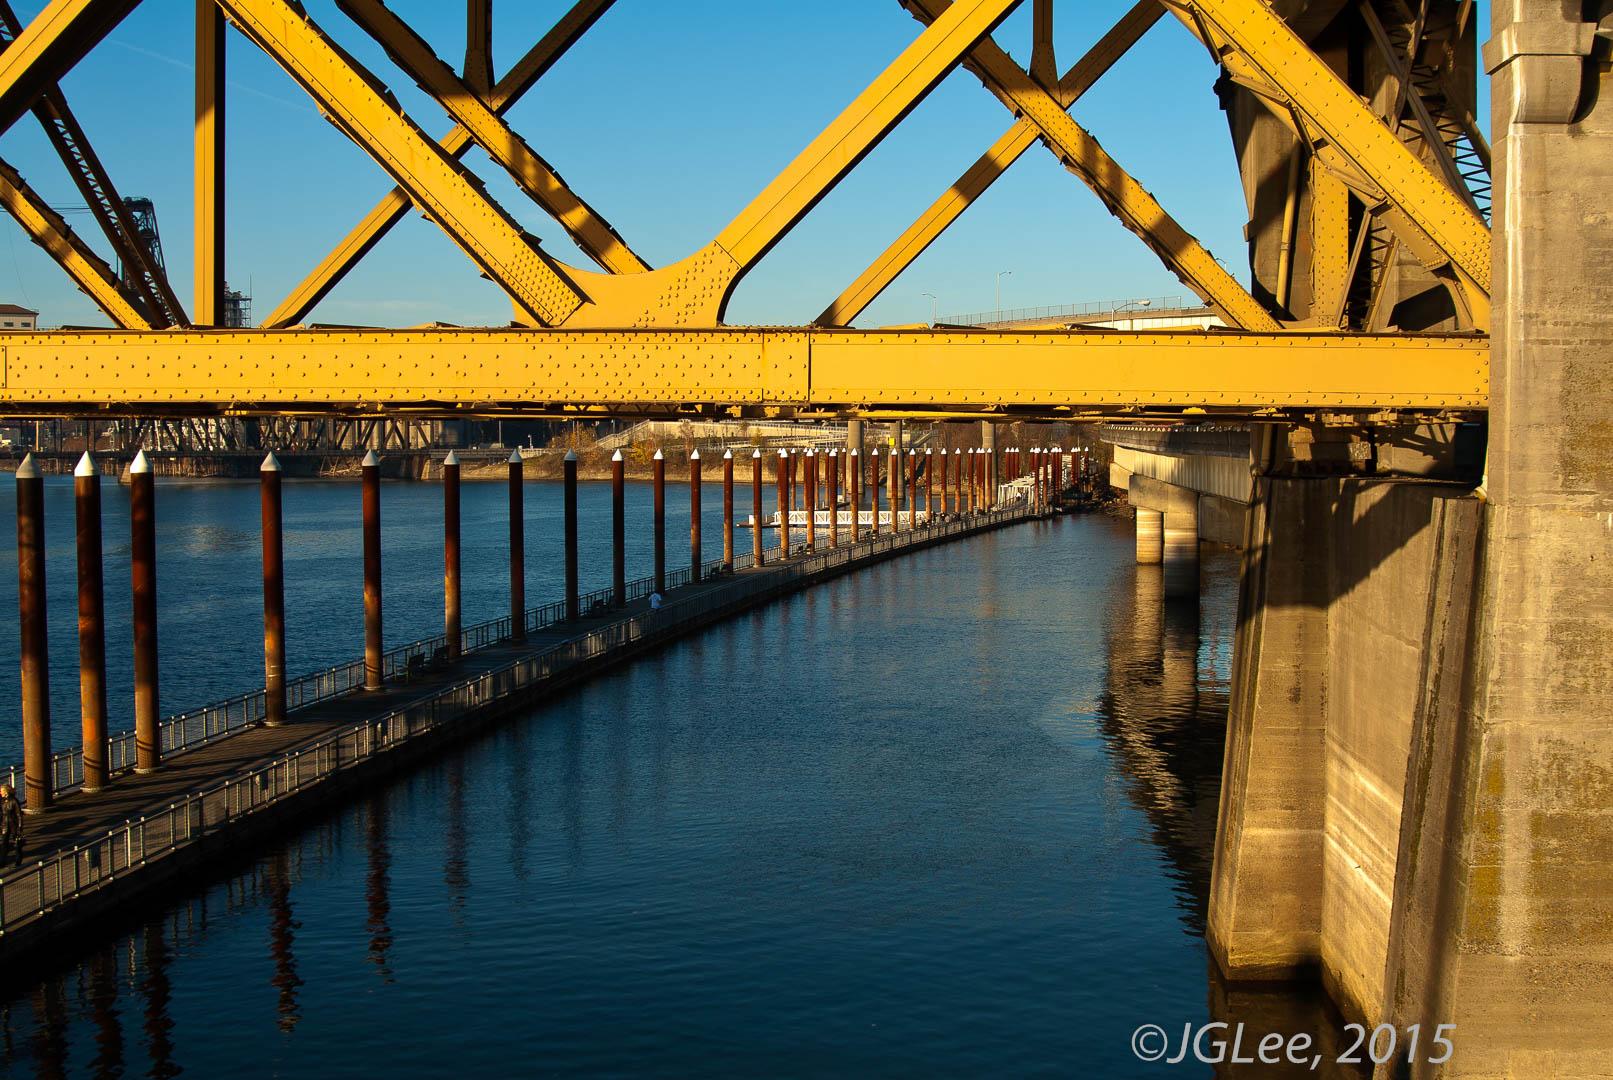 The Yellow Bridge Road